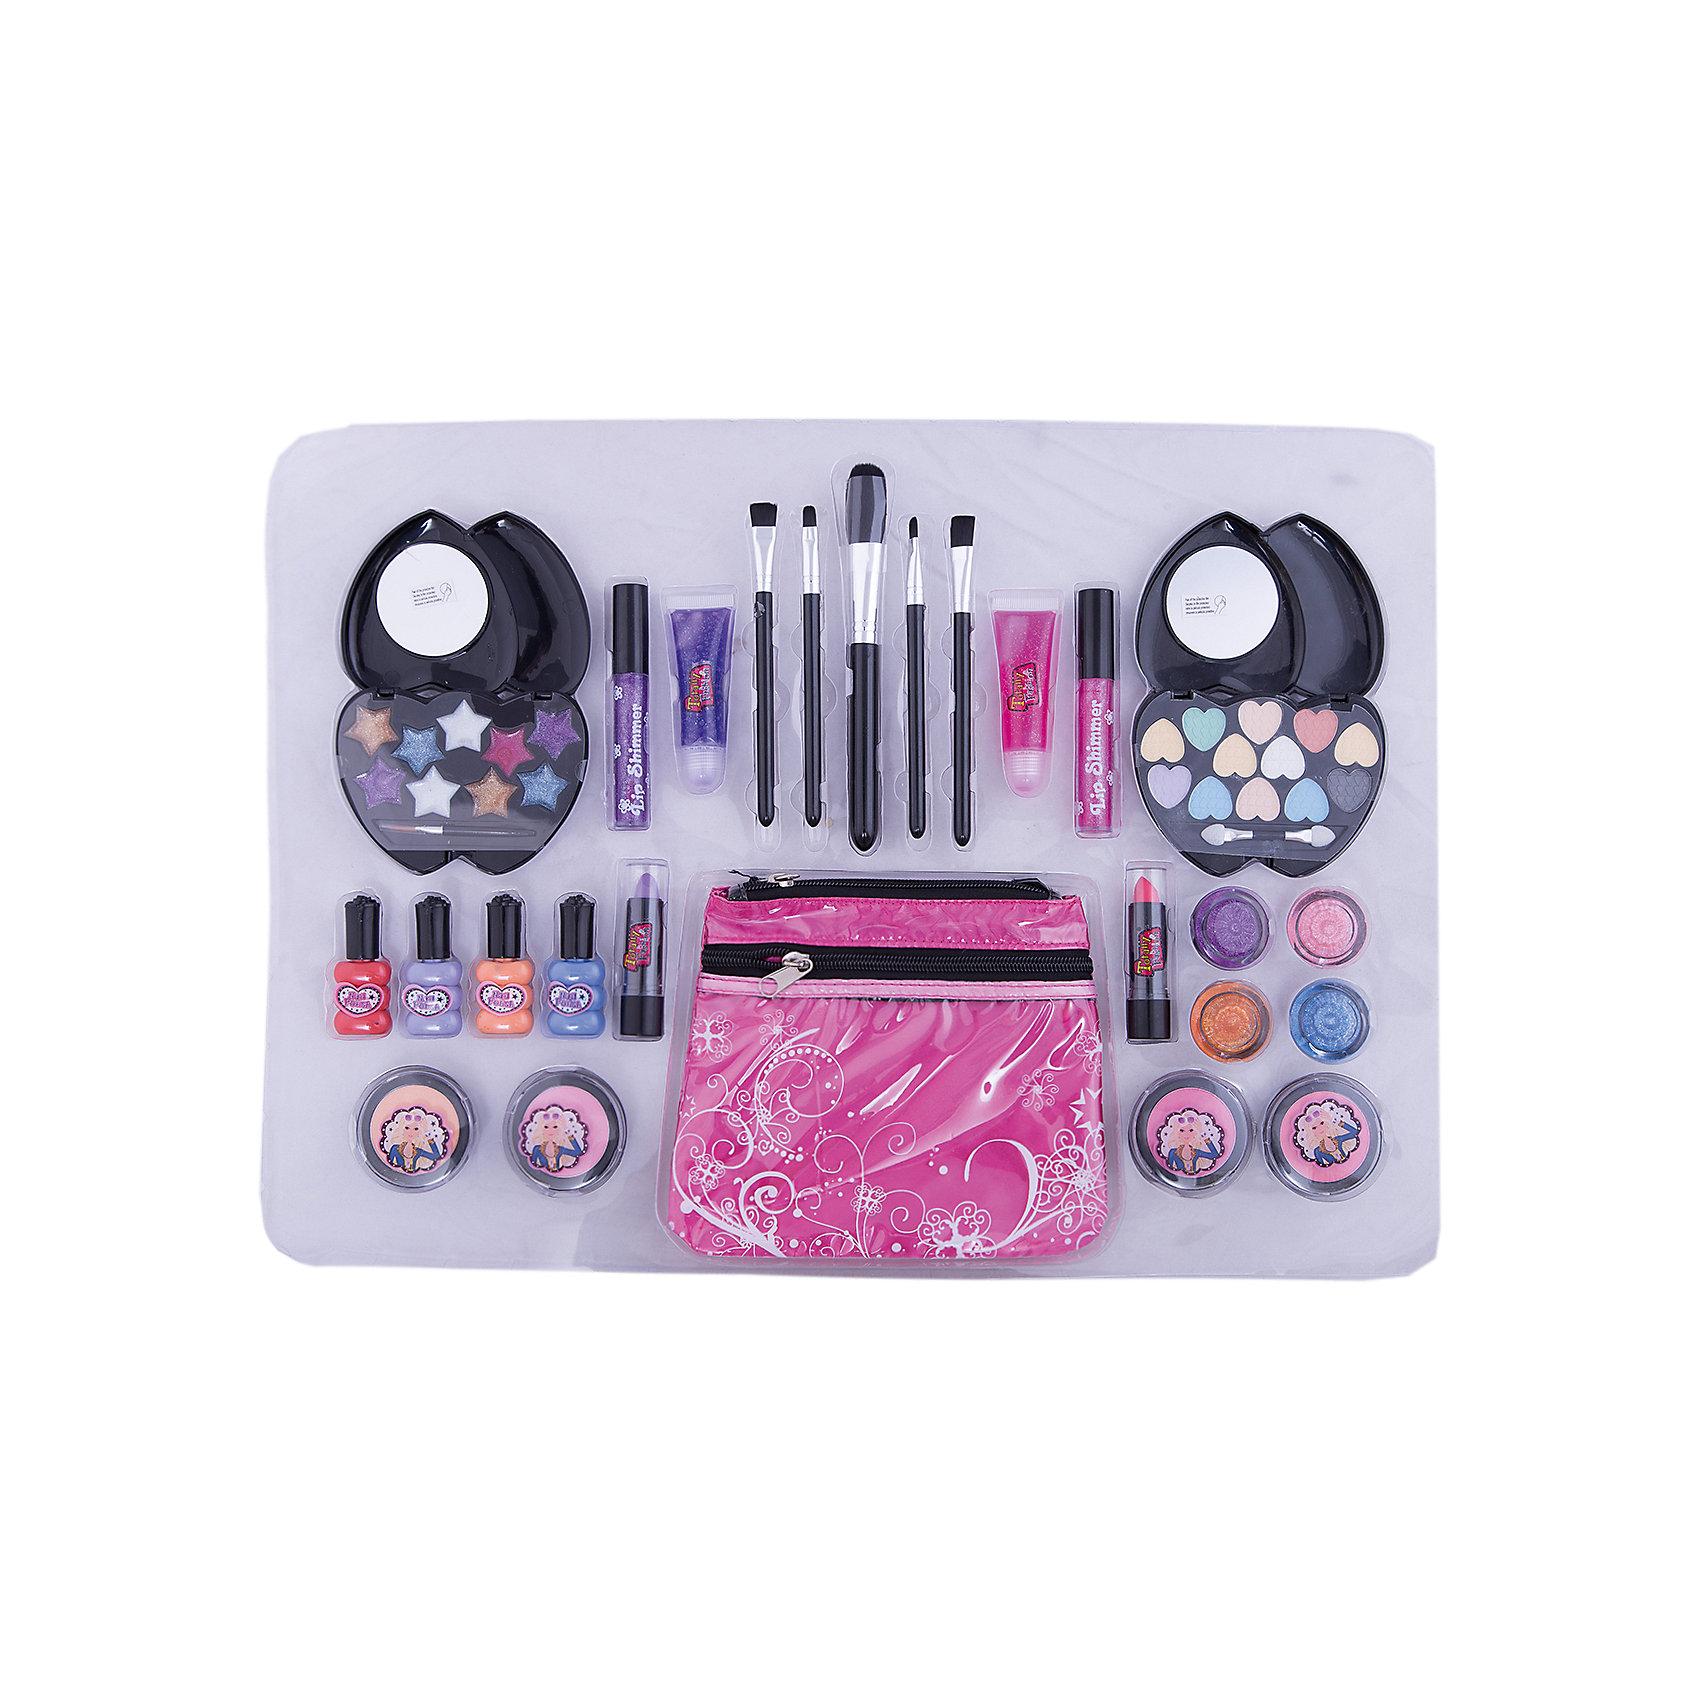 Большой игровой набор с косметичкой, Totally FashionХарактеристики:<br><br>• Вид игрушек: детская косметика<br>• Пол: для девочки<br>• Материал: пластик, натуральные компоненты и красители<br>• Цвет: оттенки розового, голубой, бежевый и др.<br>• Комплектация: <br> блеск для губ – 9 тонов <br> румяна – 4 тона <br> тени для век – 8 тонов <br> помада для губ – 2 тона <br> лак для ногтей – 4 тона <br> кисточка – 5 шт.<br> косметичка – 1 шт.<br>• Размер упаковки (Д*Ш*В): 52*3*37,5 см<br>• Вес: 800 г<br>• Упаковка: картонная коробка с блистером<br><br>Большой игровой набор с косметичкой, Totally Fashion – это набор от мирового лидера в производстве натуральной и безопасной косметики как для взрослых, так и для детей. Линейка наборов Totally Fashion представляет собой яркие, безопасные и оригинальные косметические наборы для девочек. Используемые в производстве ингредиенты и материалы имеют международные сертификаты безопасности. <br><br>Декоративные тени, румяна, блеск и лак для ногтей легко смываются теплой водой, не оставляют пятен на одежде и не вызывают раздражение. В палитре оттенков имеются самые модные и стильные оттенки. В наборе предусмотрены инструменты и аксессуары, которые позволят аккуратно нанести макияж. Дополнительно комплект включает косметичку, выполненную в брендовом дизайне.<br><br>Большой игровой набор с косметичкой, Totally Fashion станет идеальным подарком для девочки к любому празднику.<br><br>Большой игровой набор с косметичкой, Totally Fashion можно купить в нашем интернет-магазине.<br><br>Ширина мм: 520<br>Глубина мм: 30<br>Высота мм: 375<br>Вес г: 800<br>Возраст от месяцев: 60<br>Возраст до месяцев: 120<br>Пол: Женский<br>Возраст: Детский<br>SKU: 5418943